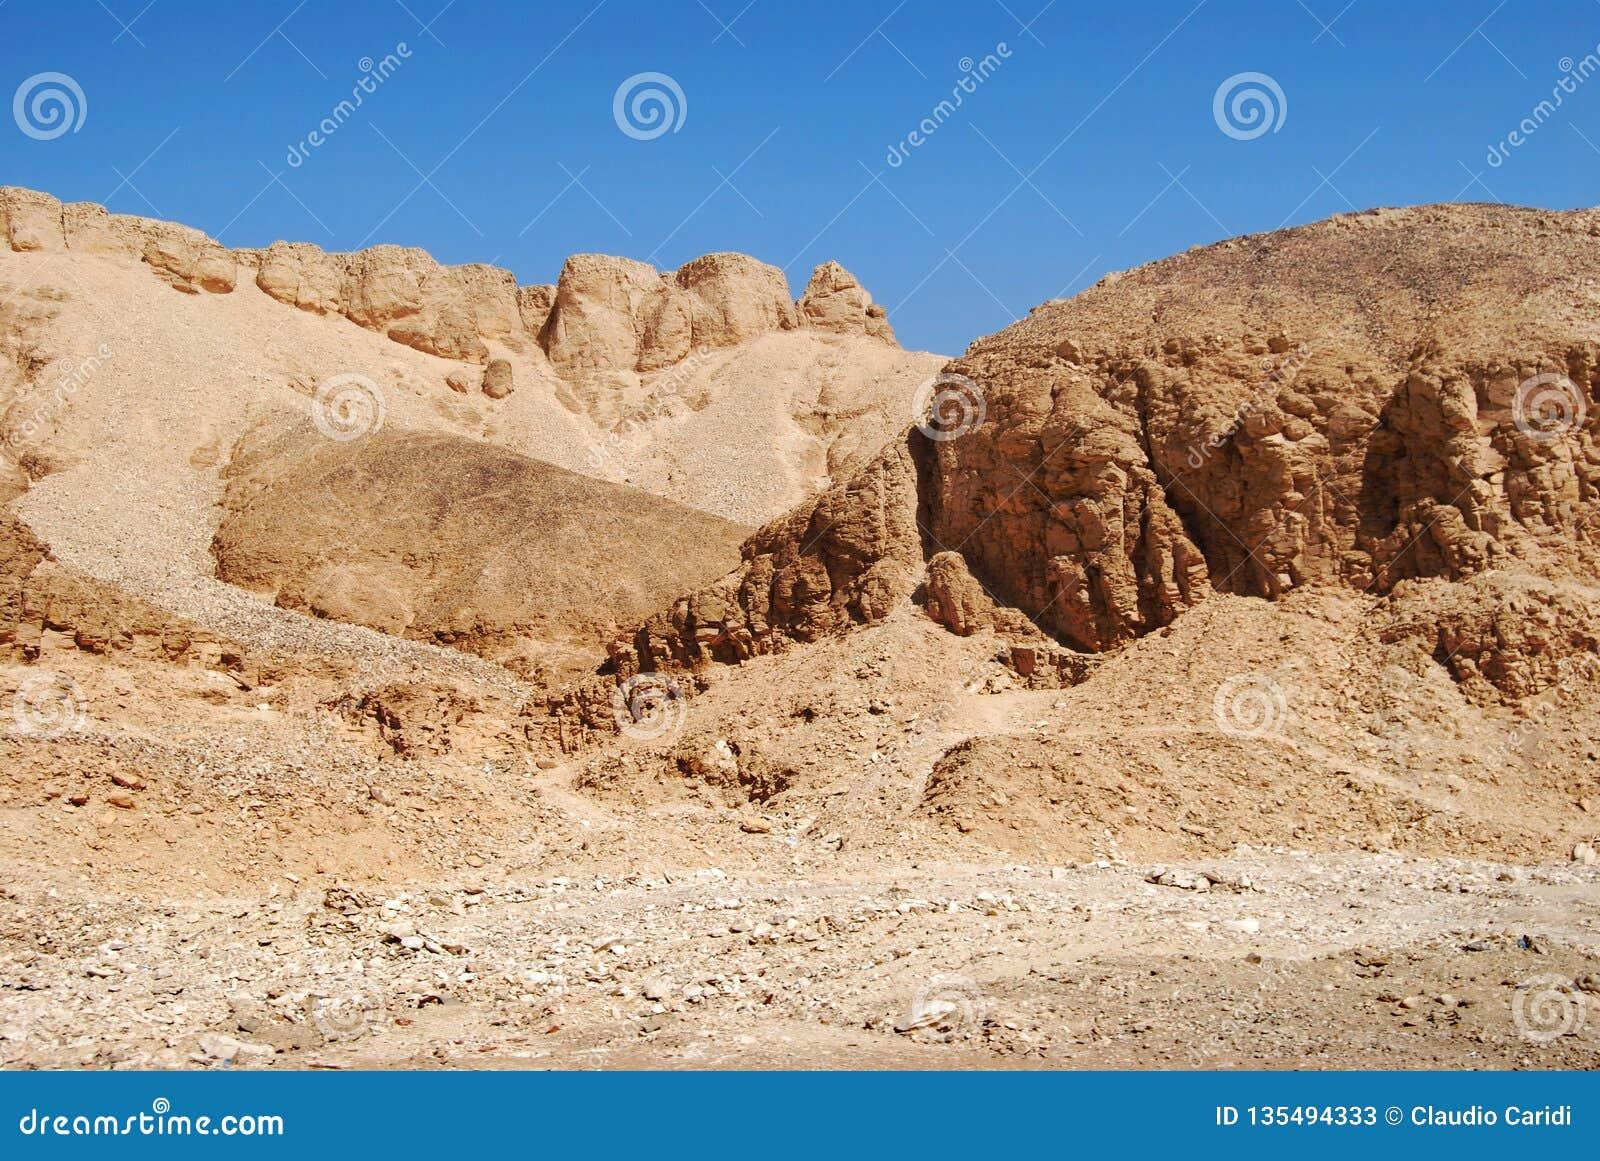 De Vallei van de Koningen, Egypte